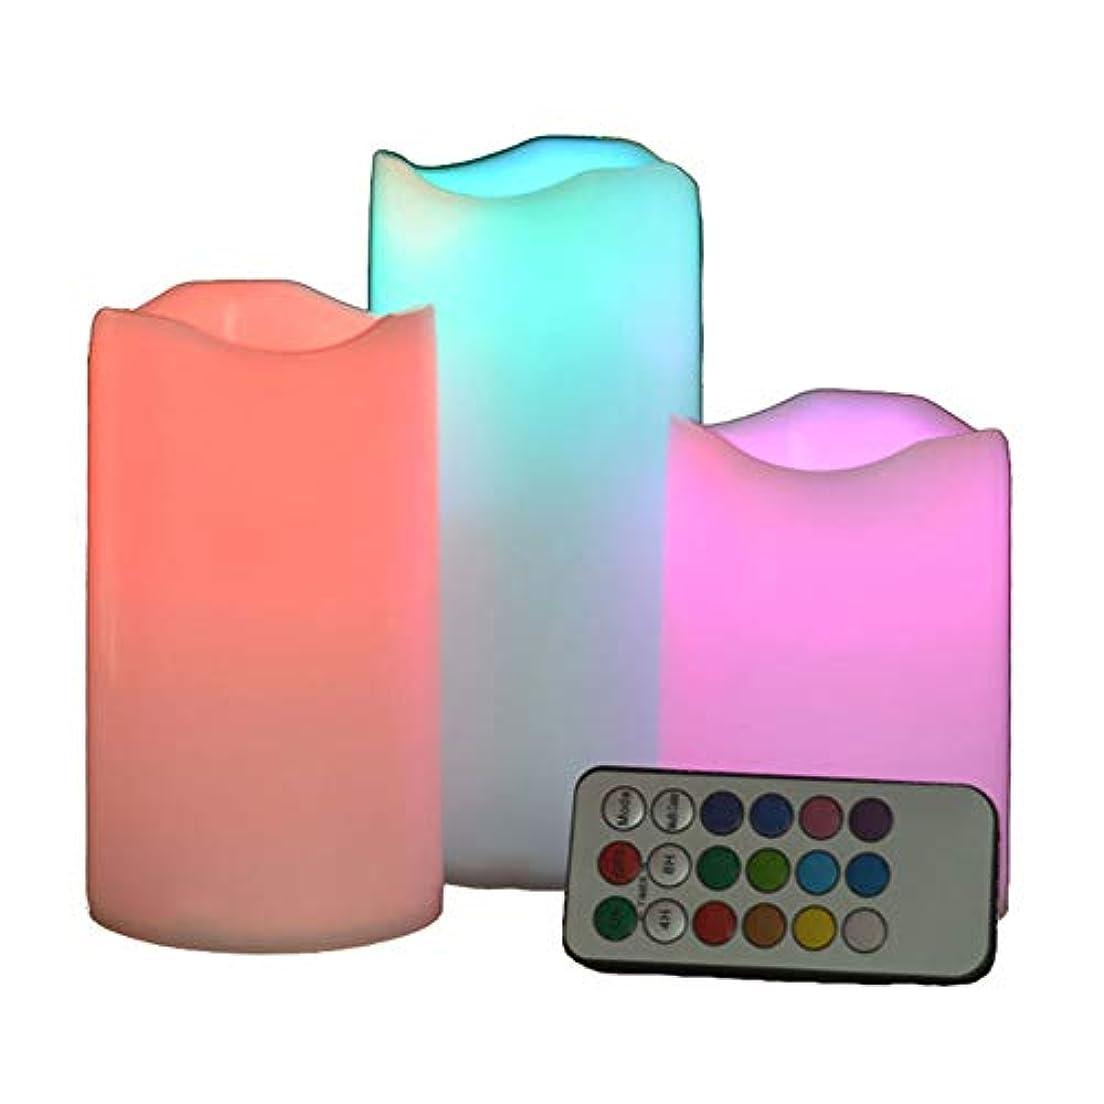 制限するストローク怪物LEDリモートコントロール電子キャンドルクリエイティブ18キータイミングカラフルなプラスチッククリスマスライトキャンドルライト(バッテリーなし)